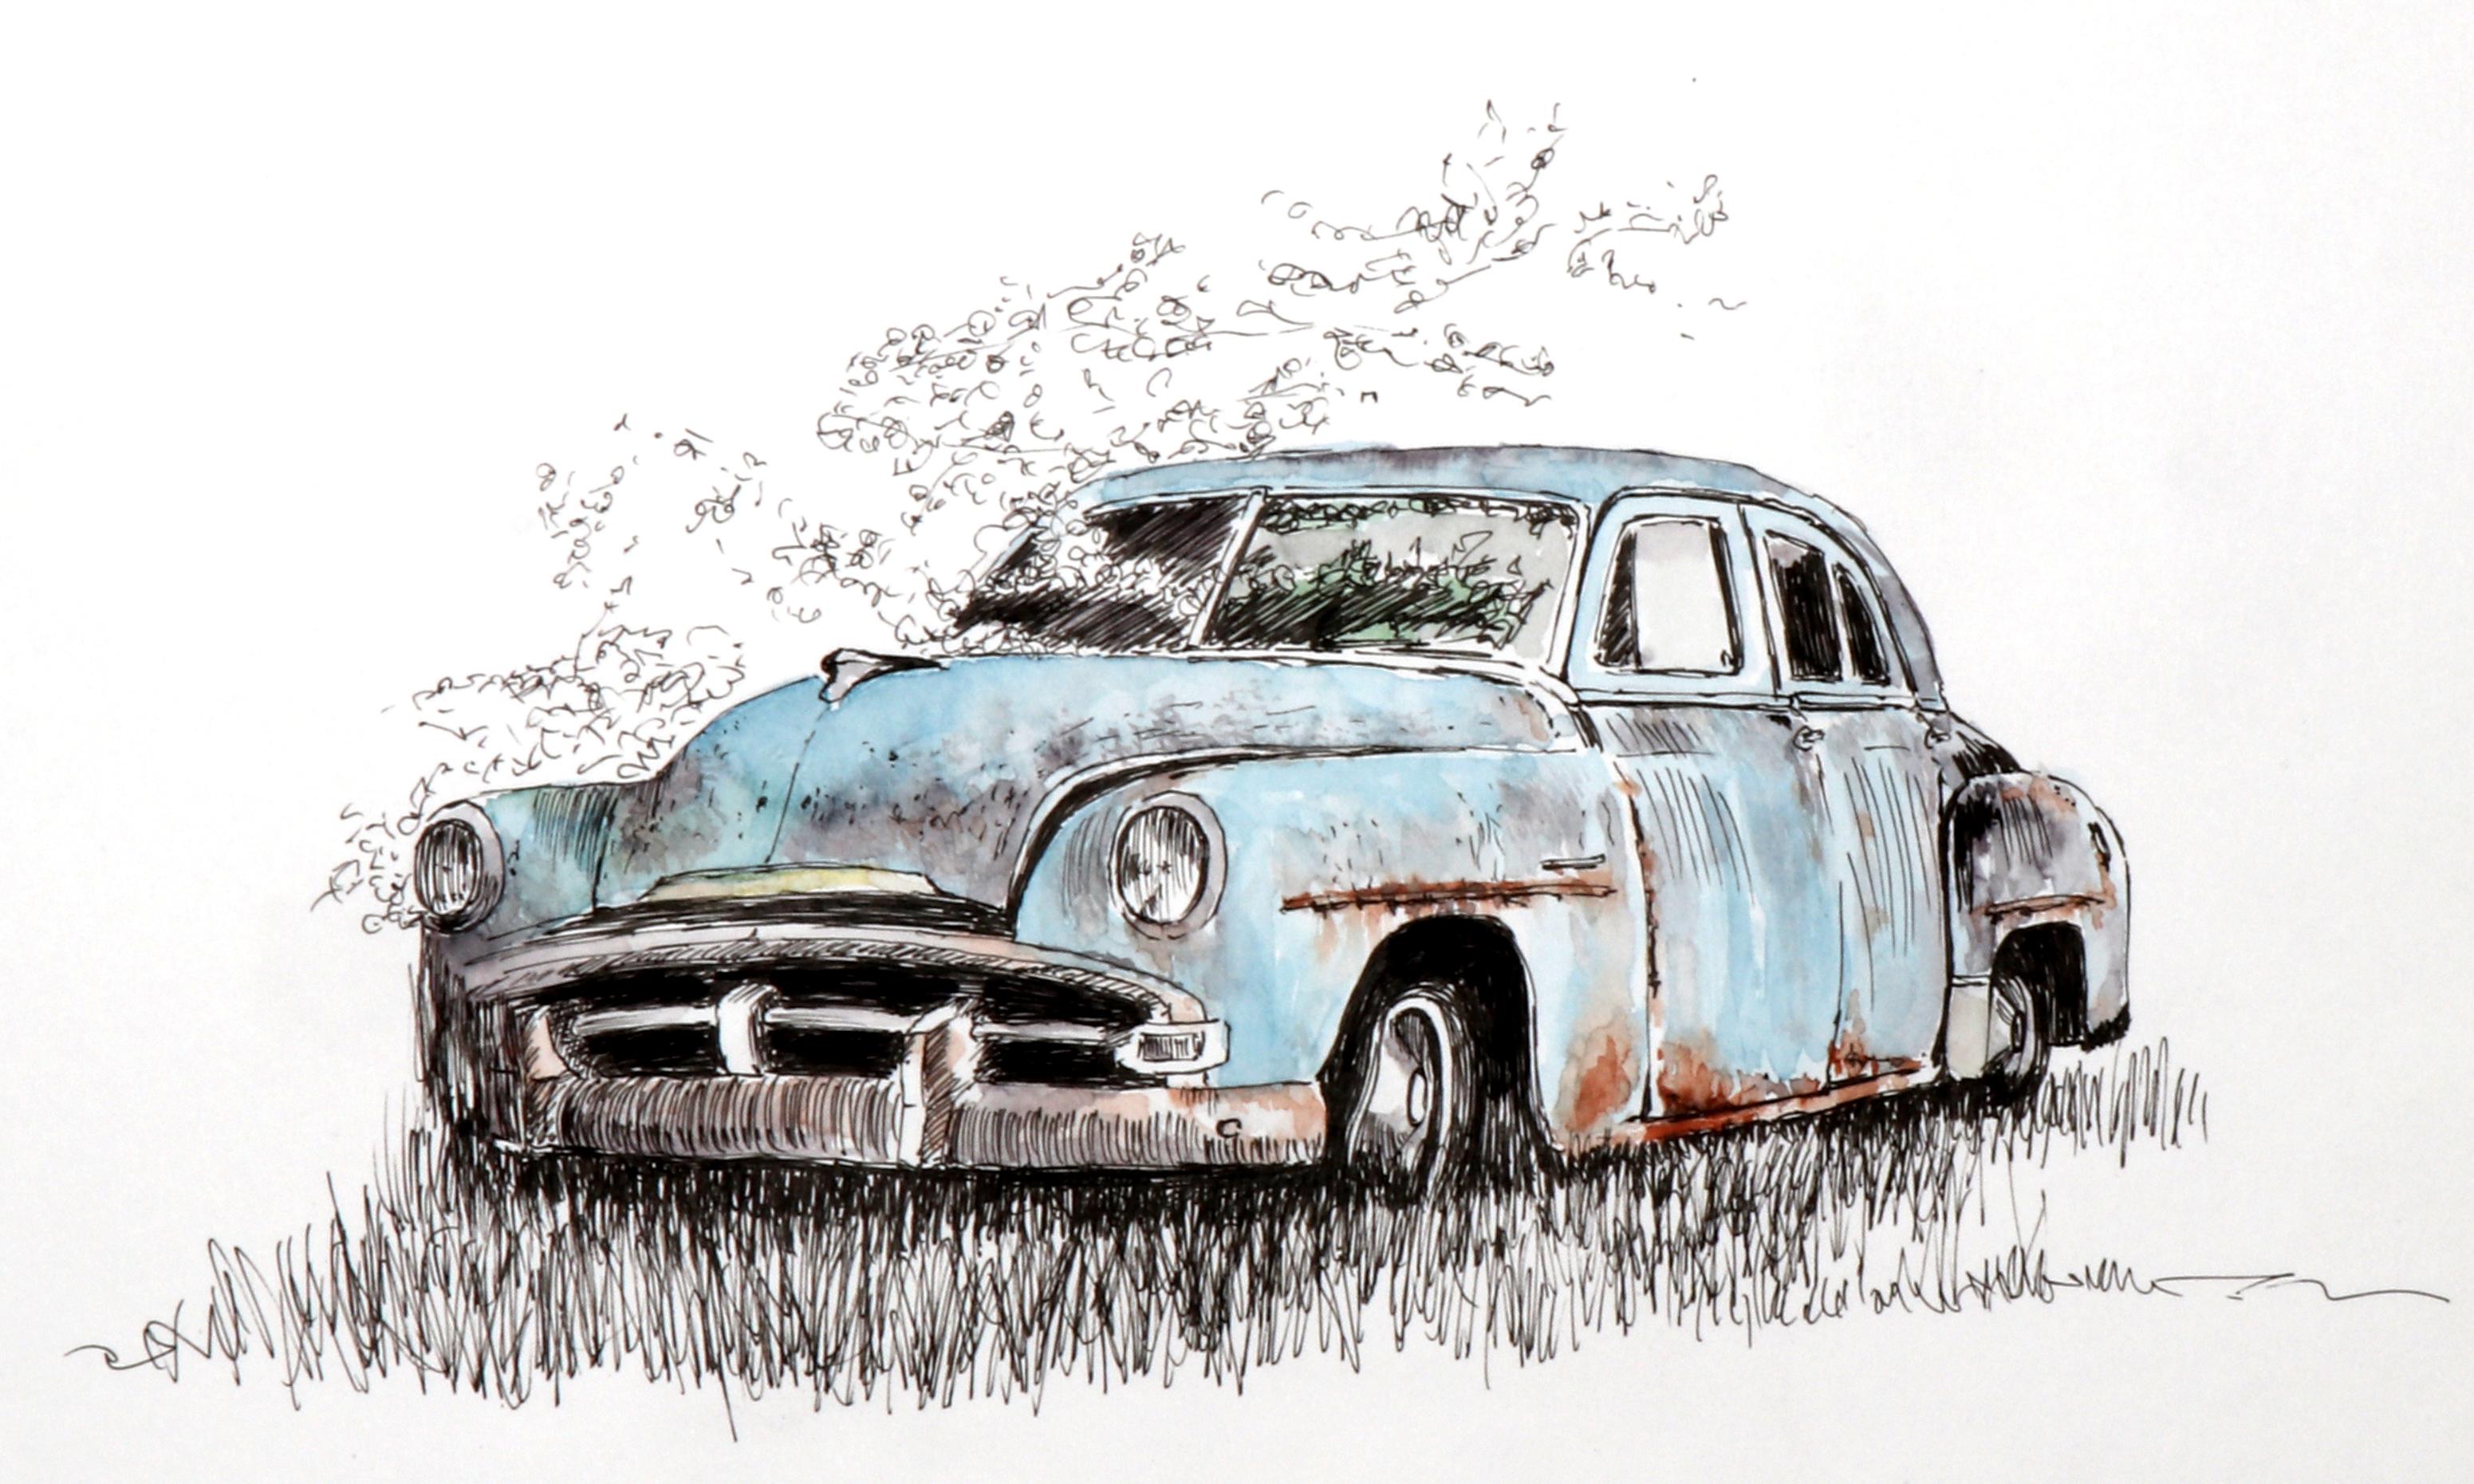 Urban Sketching oder: Reiseeindrücke skizzieren – Grundlagenseminar für Anfänger